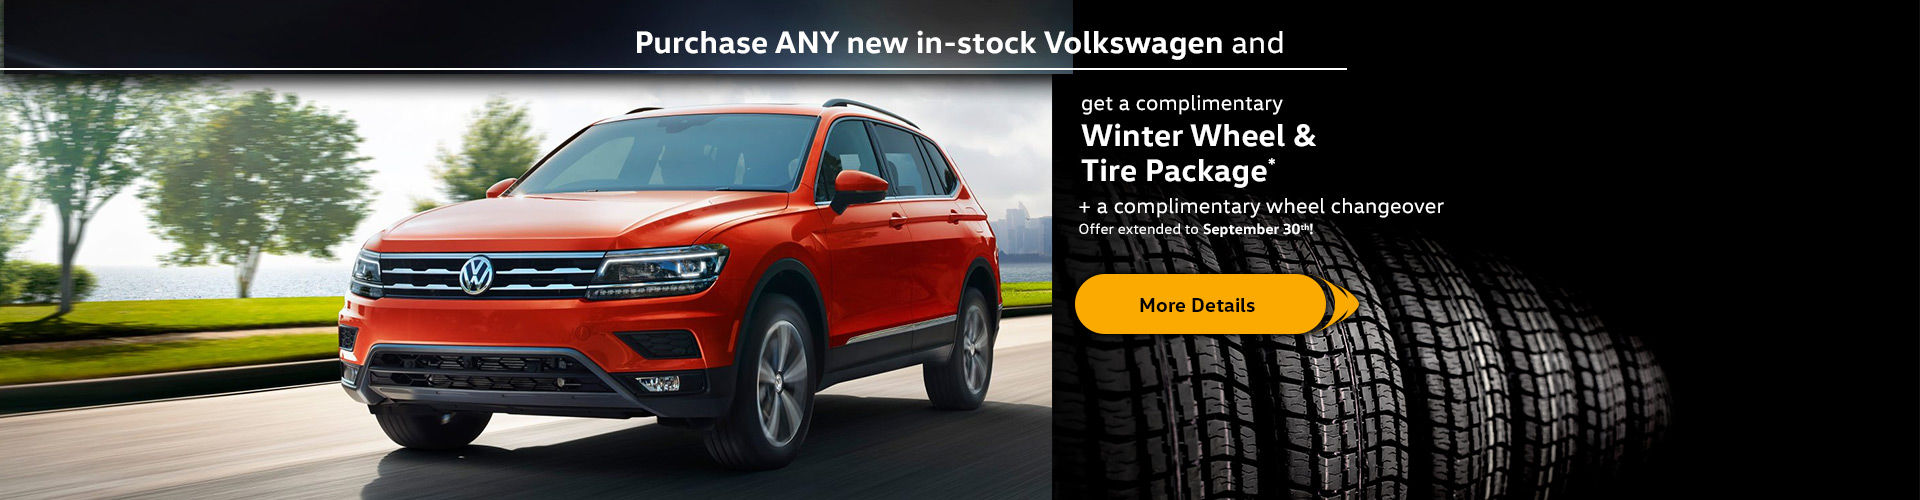 Winter Wheel & Tire Package